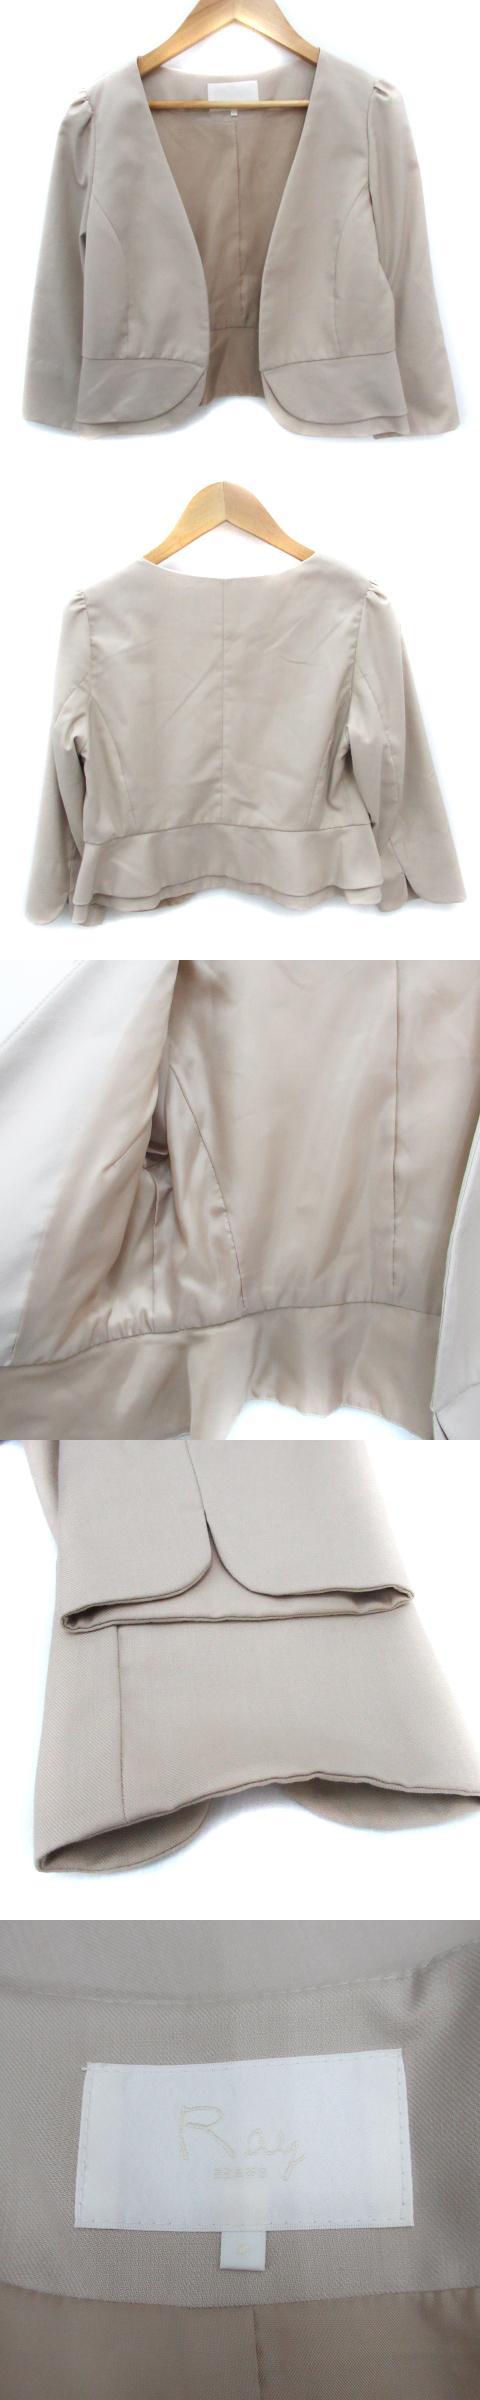 ジャケット ノーカラー ショート丈 七分袖 前開き 総裏地 無地 0 ベージュ /FF35